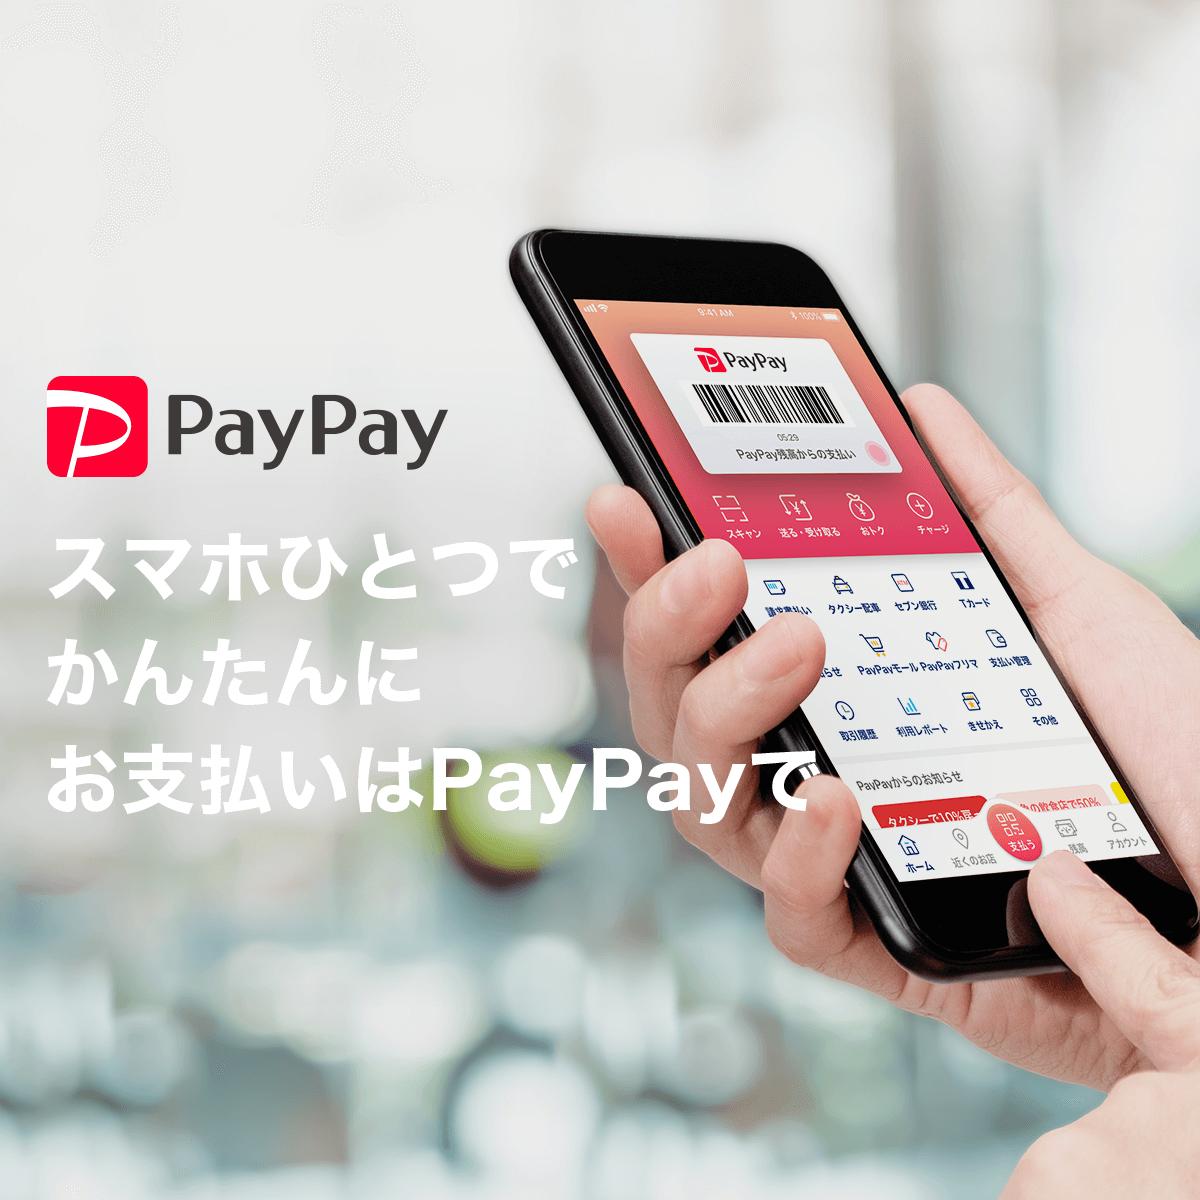 PayPayは、スマホひとつでカンタン・おトクにお支払いができるアプリです。最短1分で登録完了!